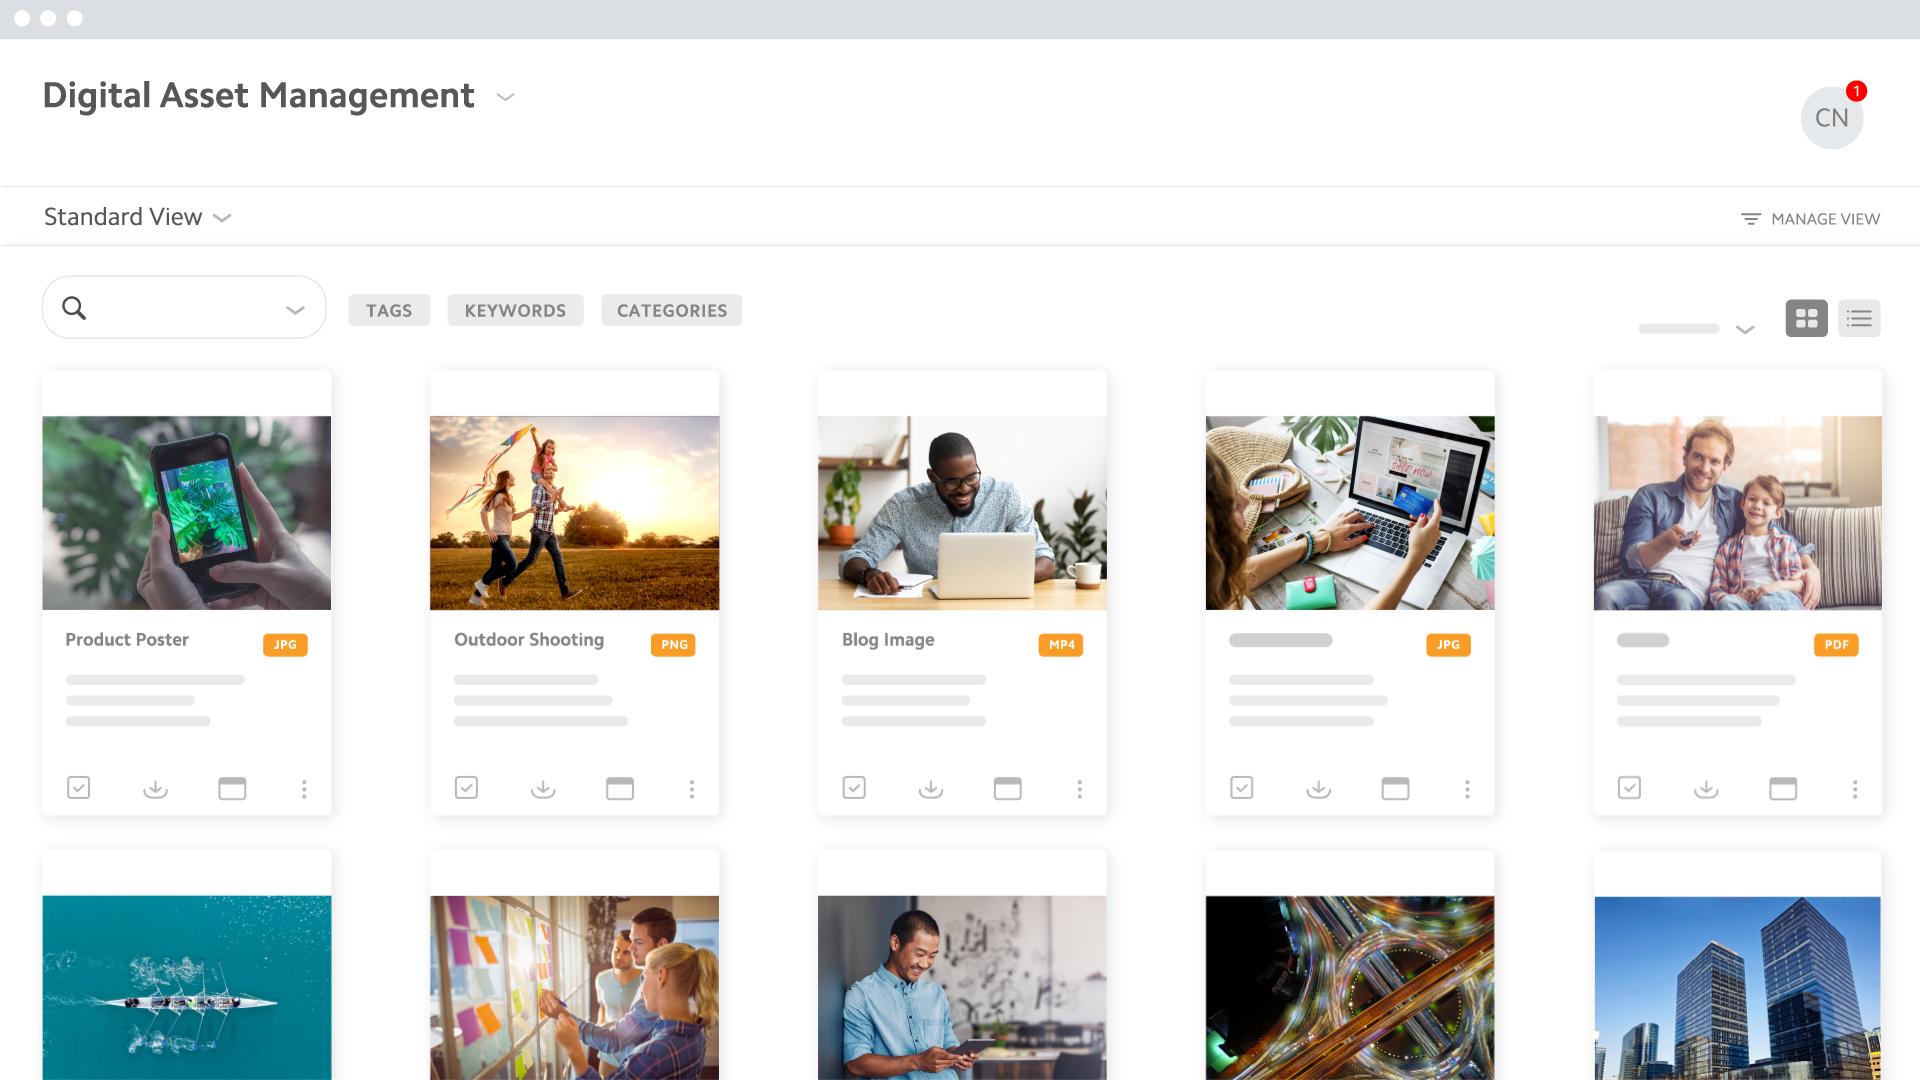 BrandMaker Digital Asset Management